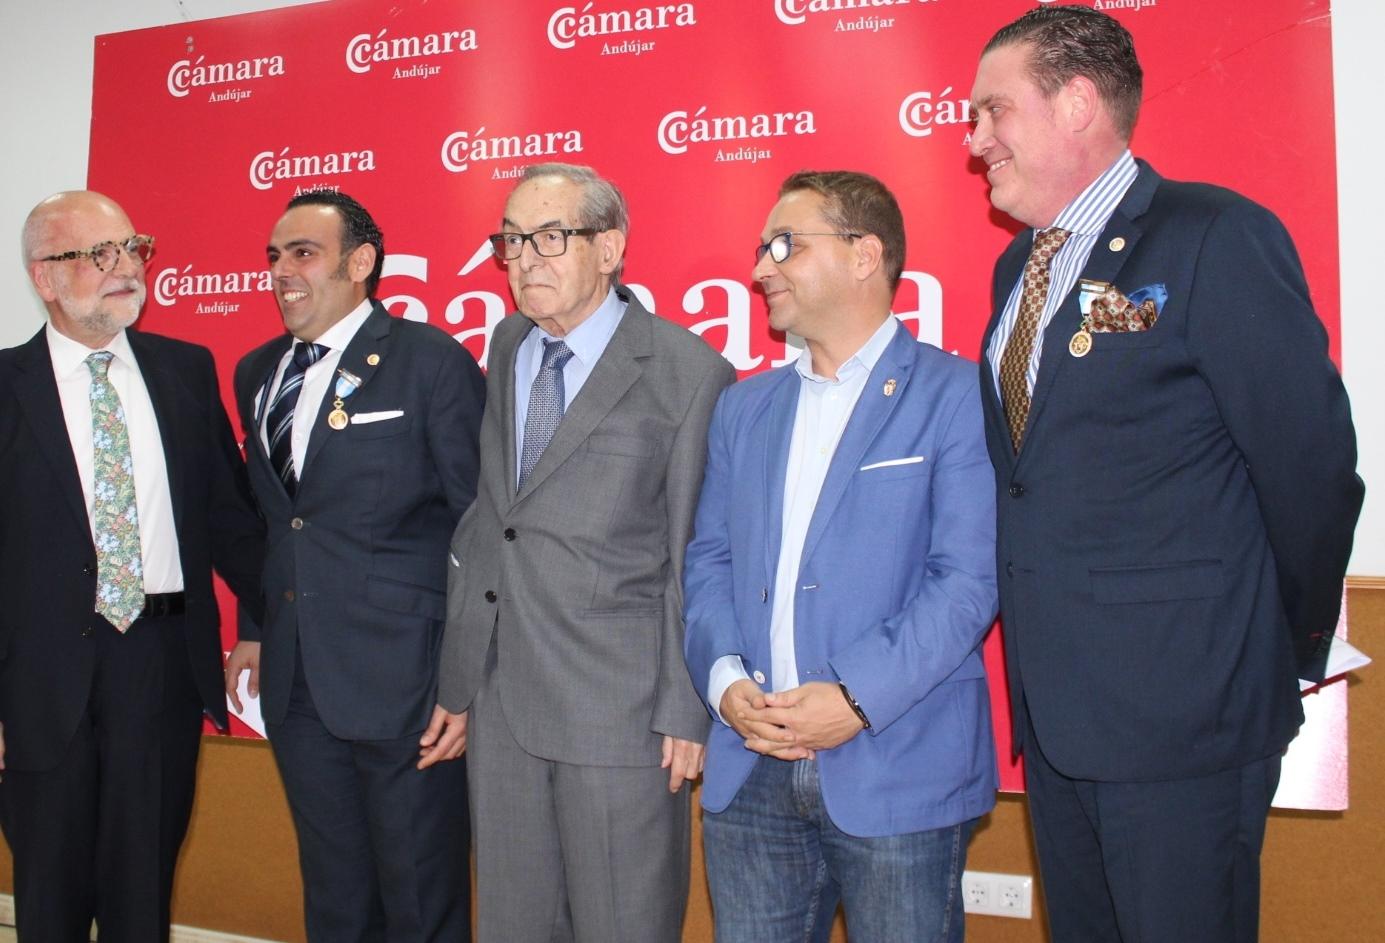 Los impulsores de Andújar Flamenca reciben las medalla de Oro de la Cámara de Comercio